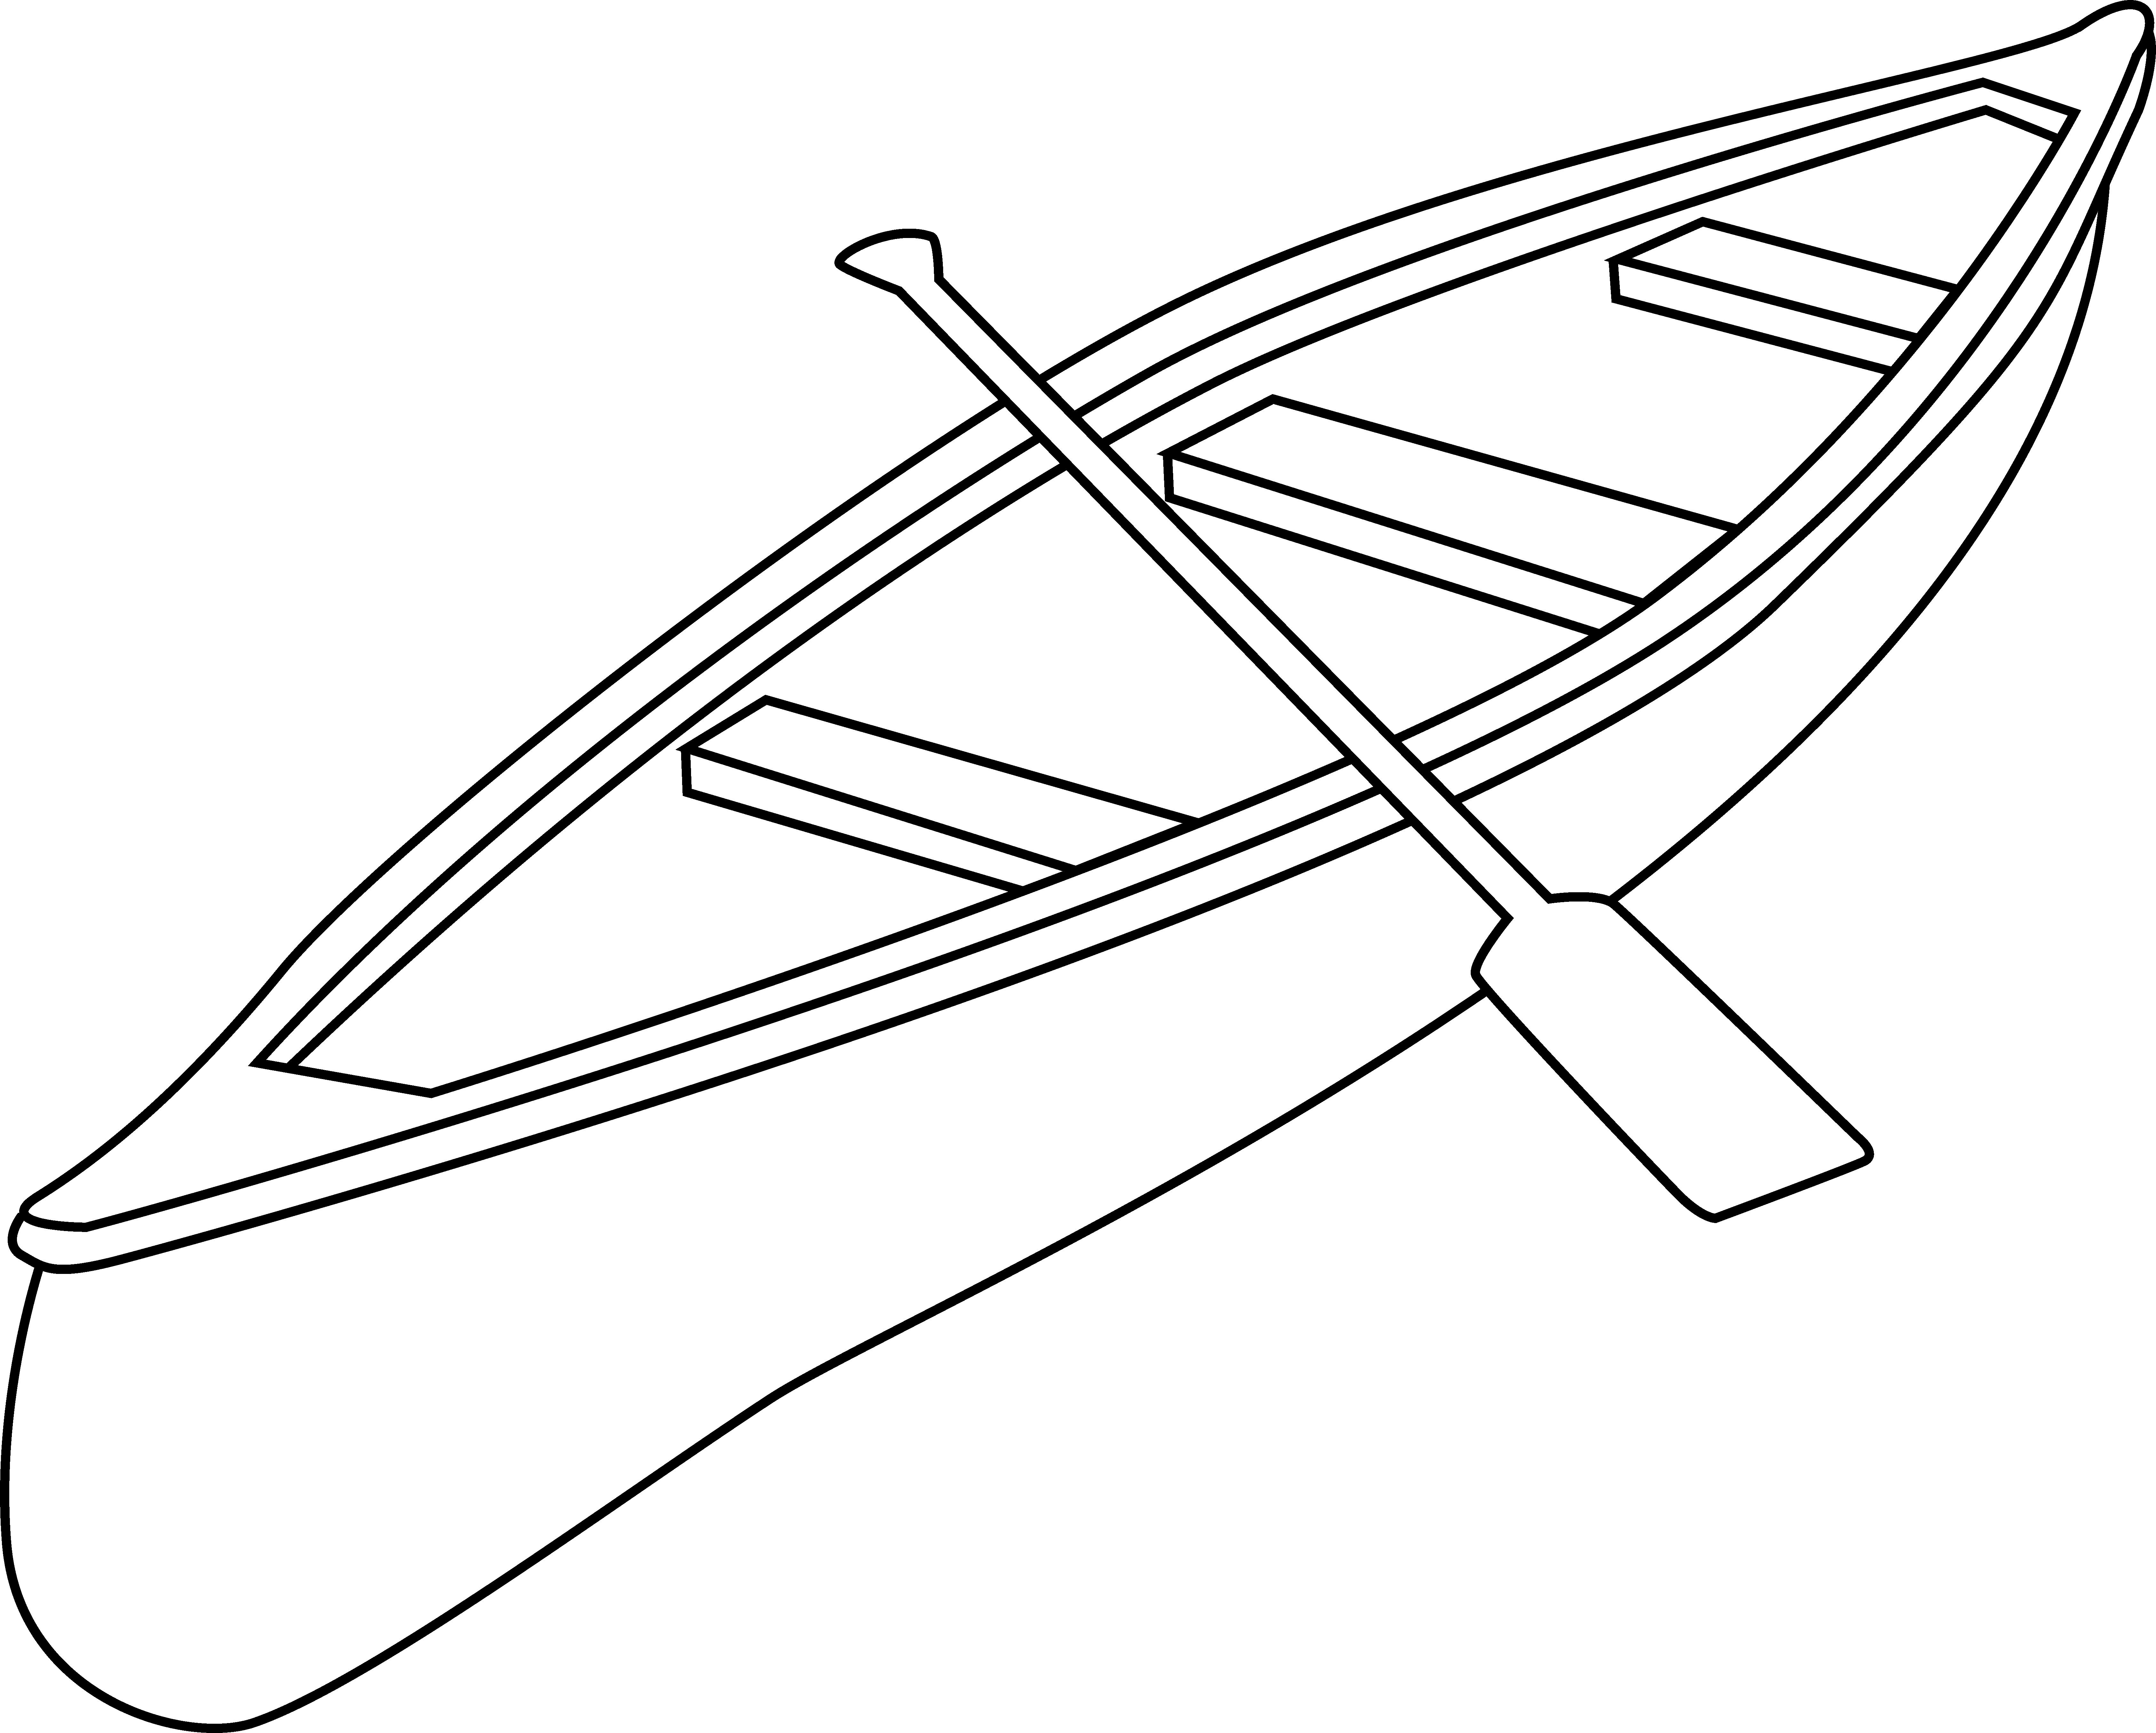 Free Canoe Clip Art Black And White Outline